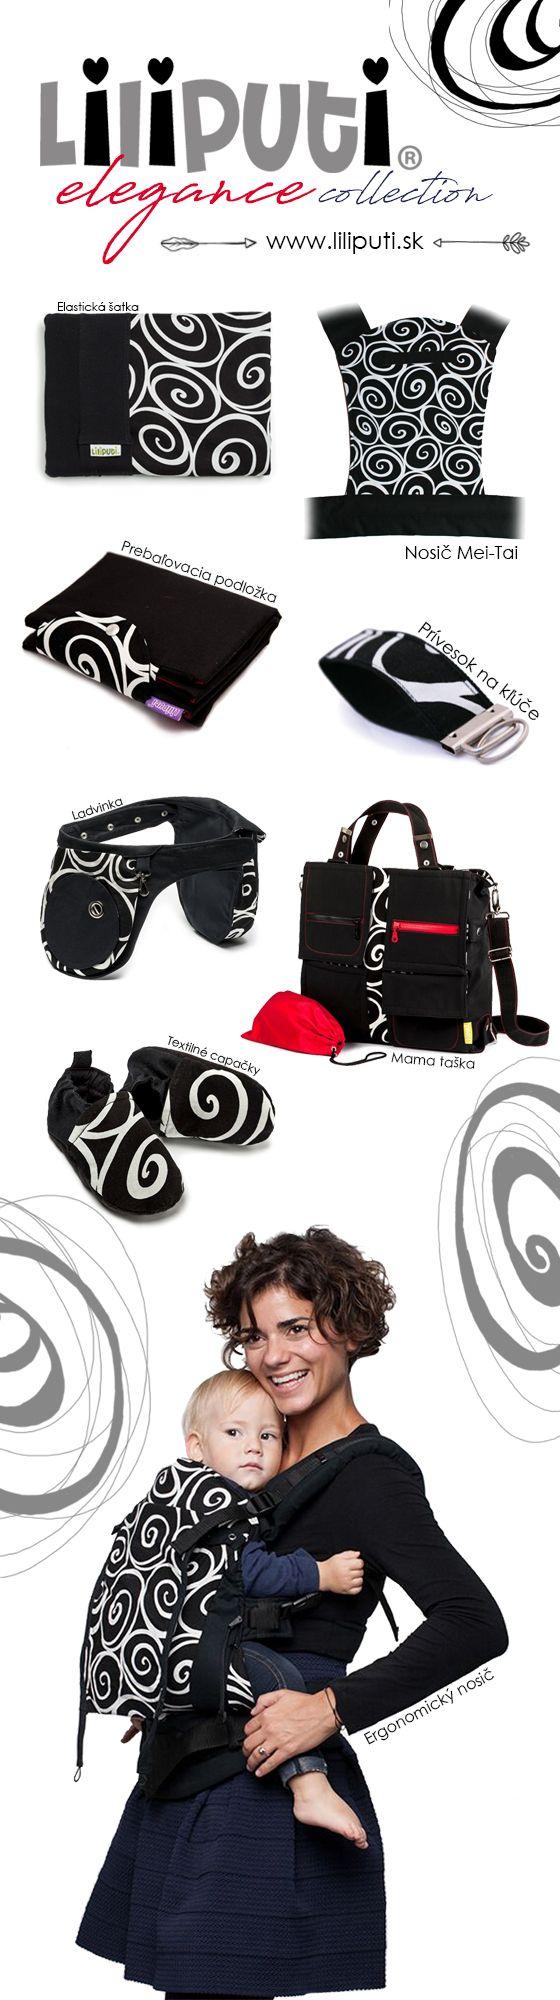 Kolekcia Liliputi - Elegance - Pre elegantné ženy, milujúce čierno-biele kombinácie. Všetky produkty kolekcie nájdete tu: https://www.liliputi.sk/elegance/